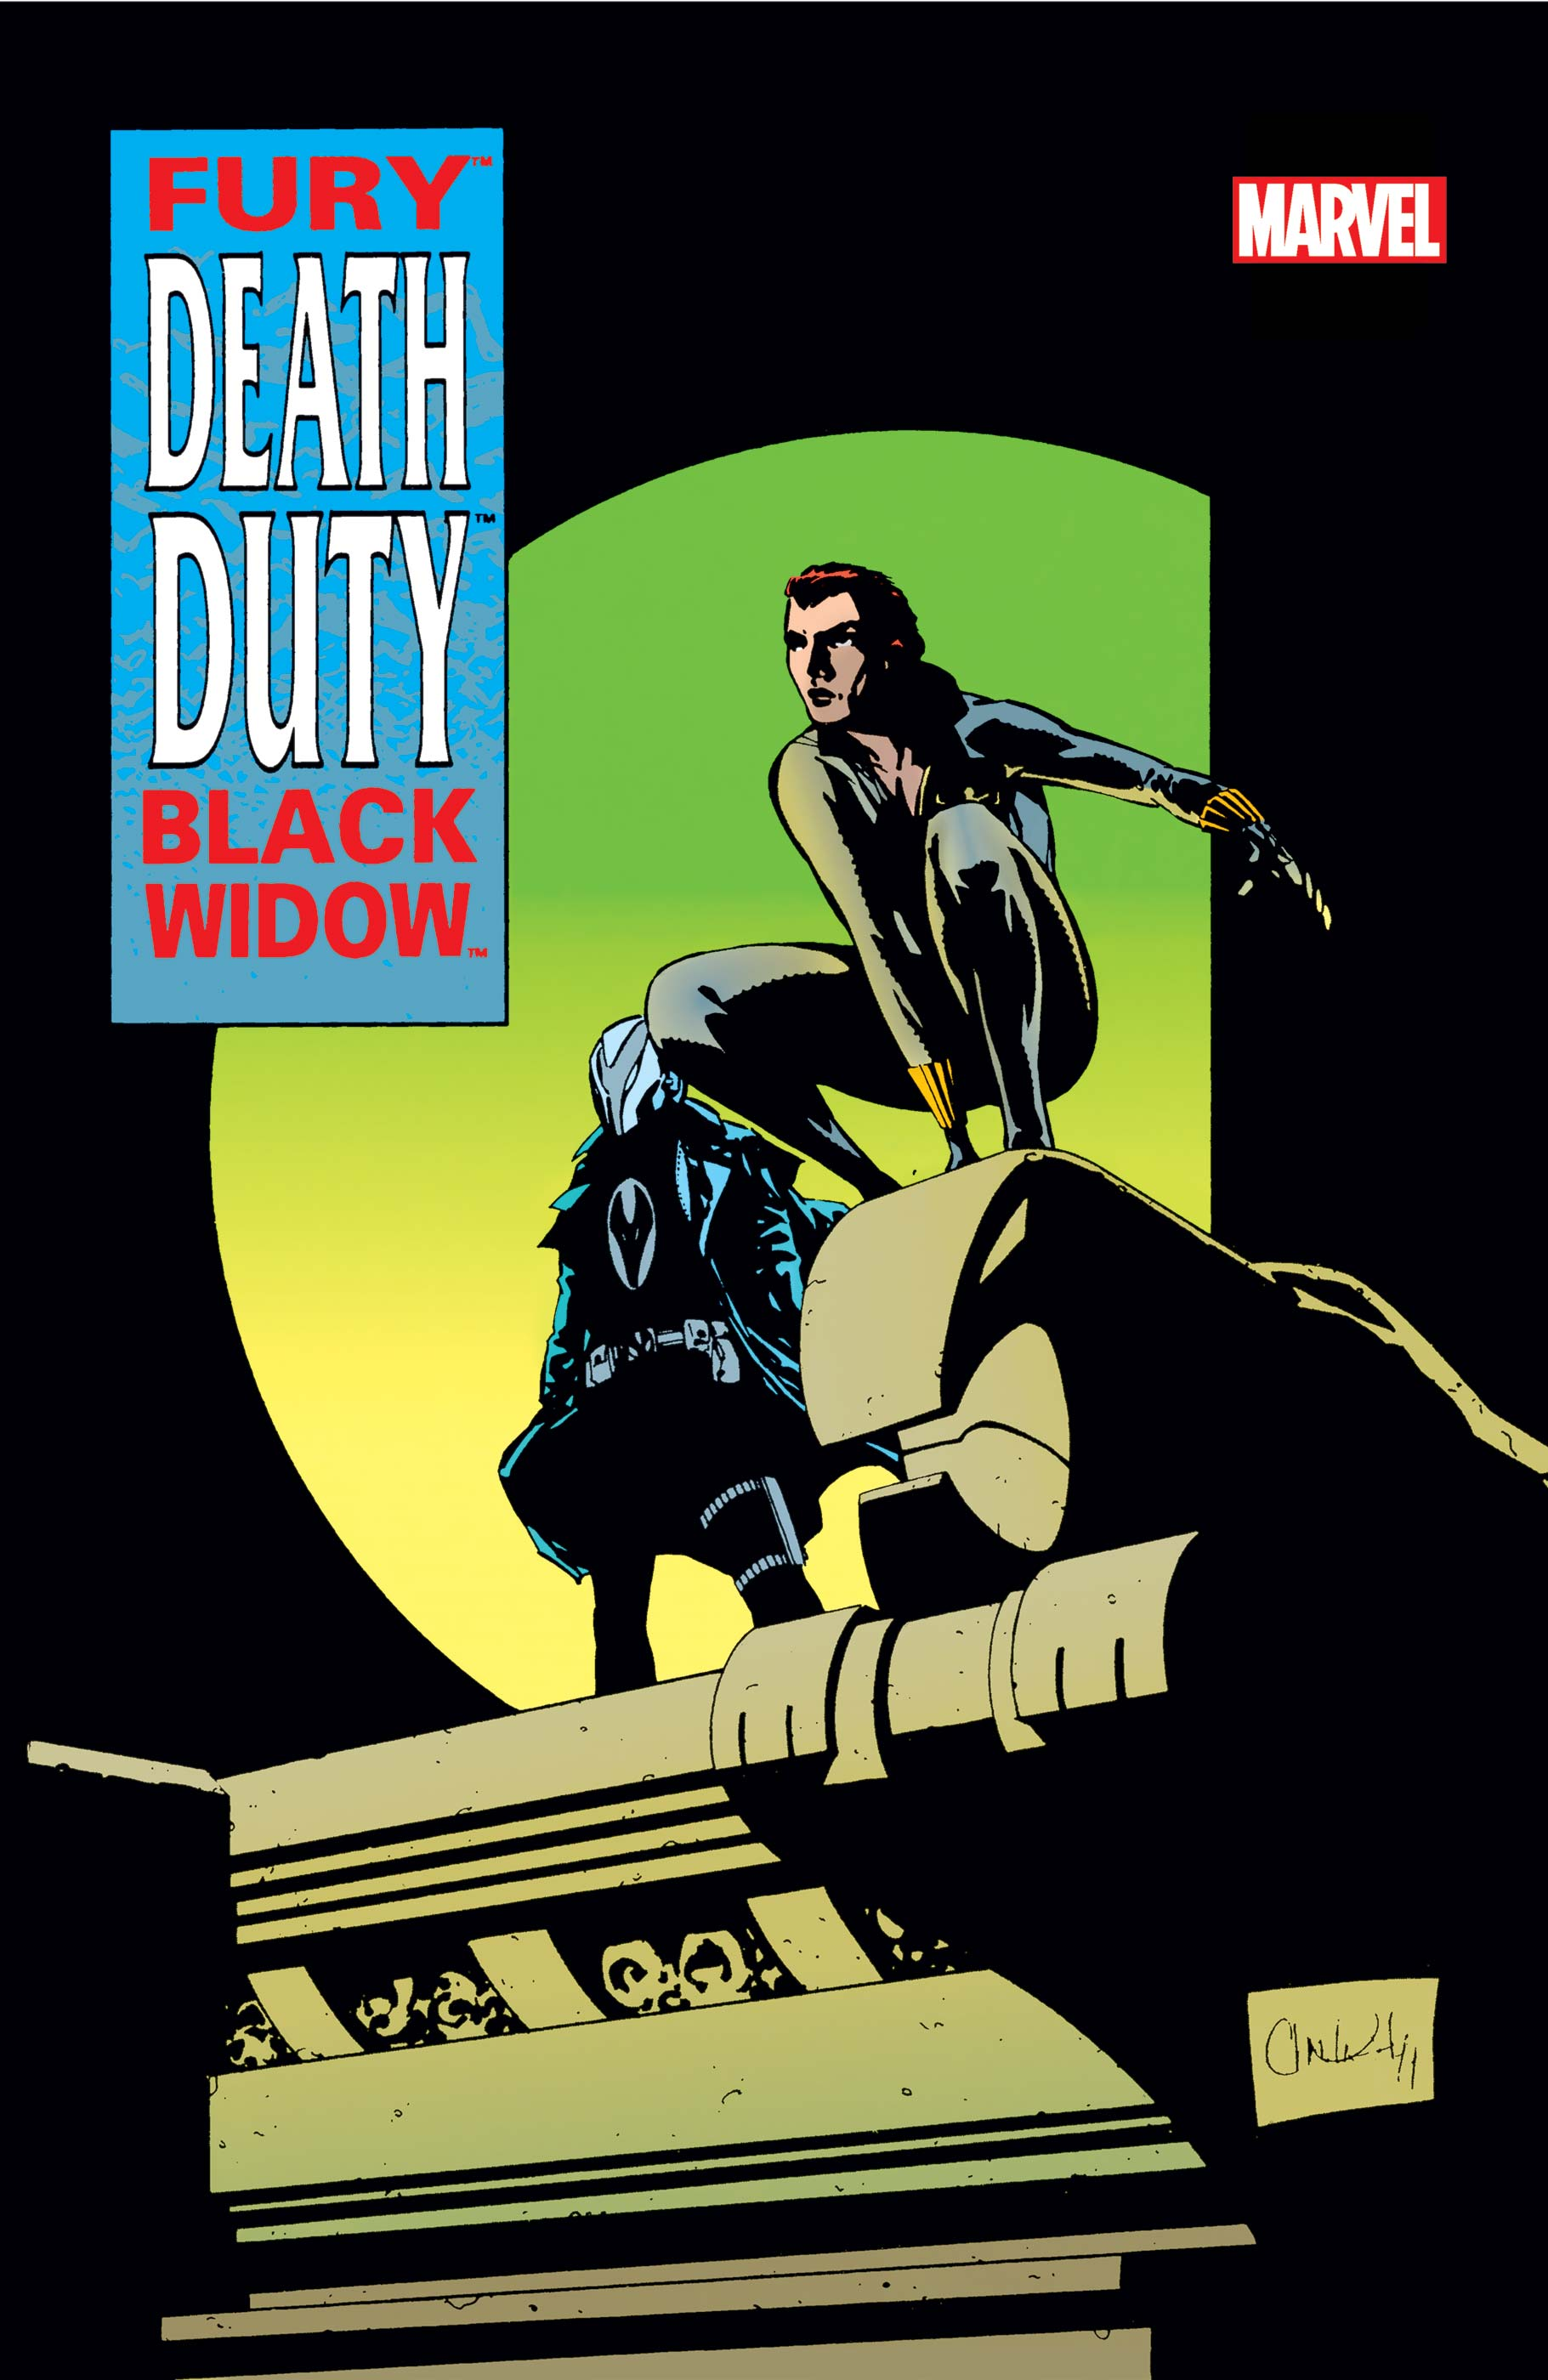 Fury/Black Widow: Death Duty (1995) #1